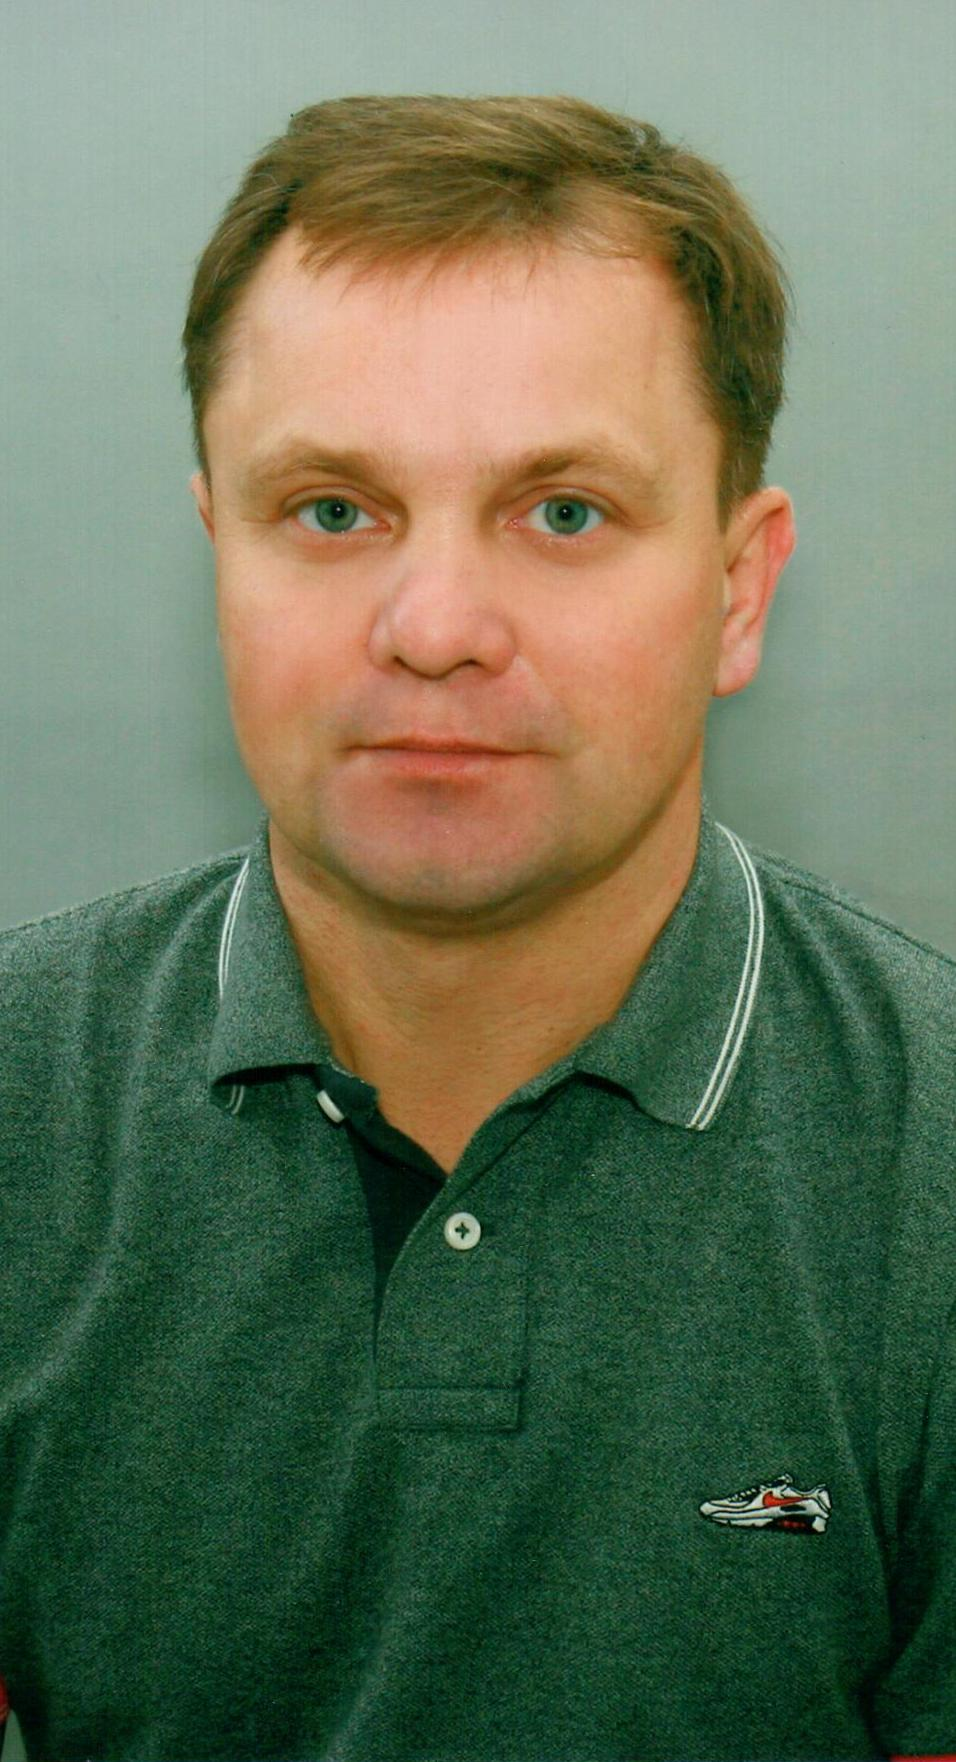 Иванов-учитель физкультуры